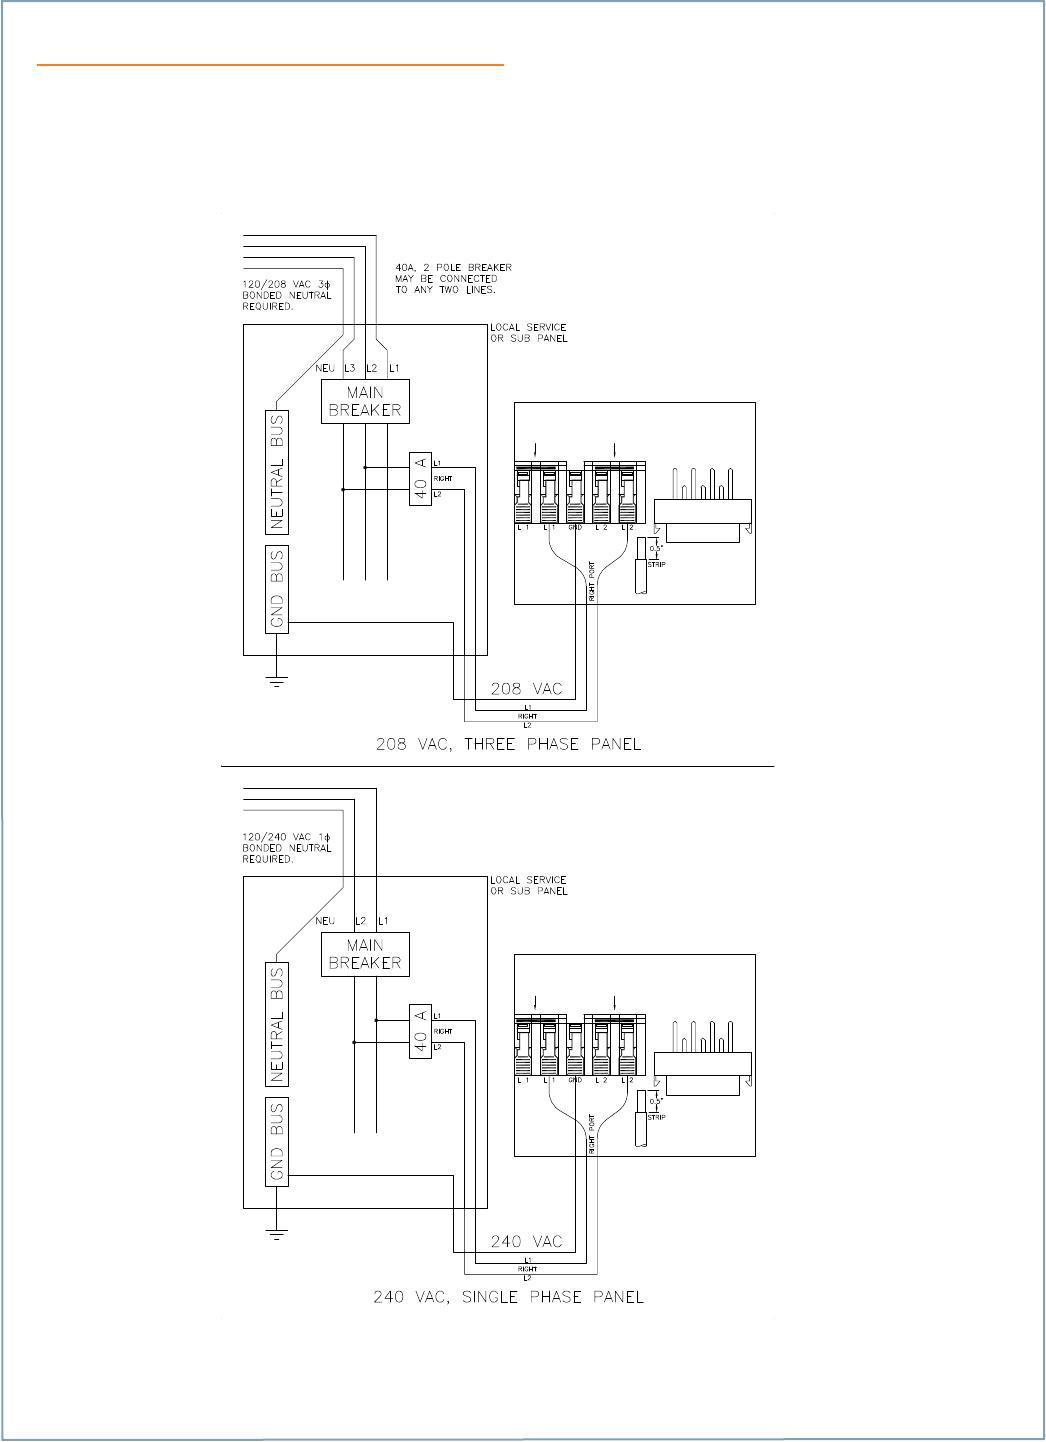 2 Pole Breaker Wiring Diagram